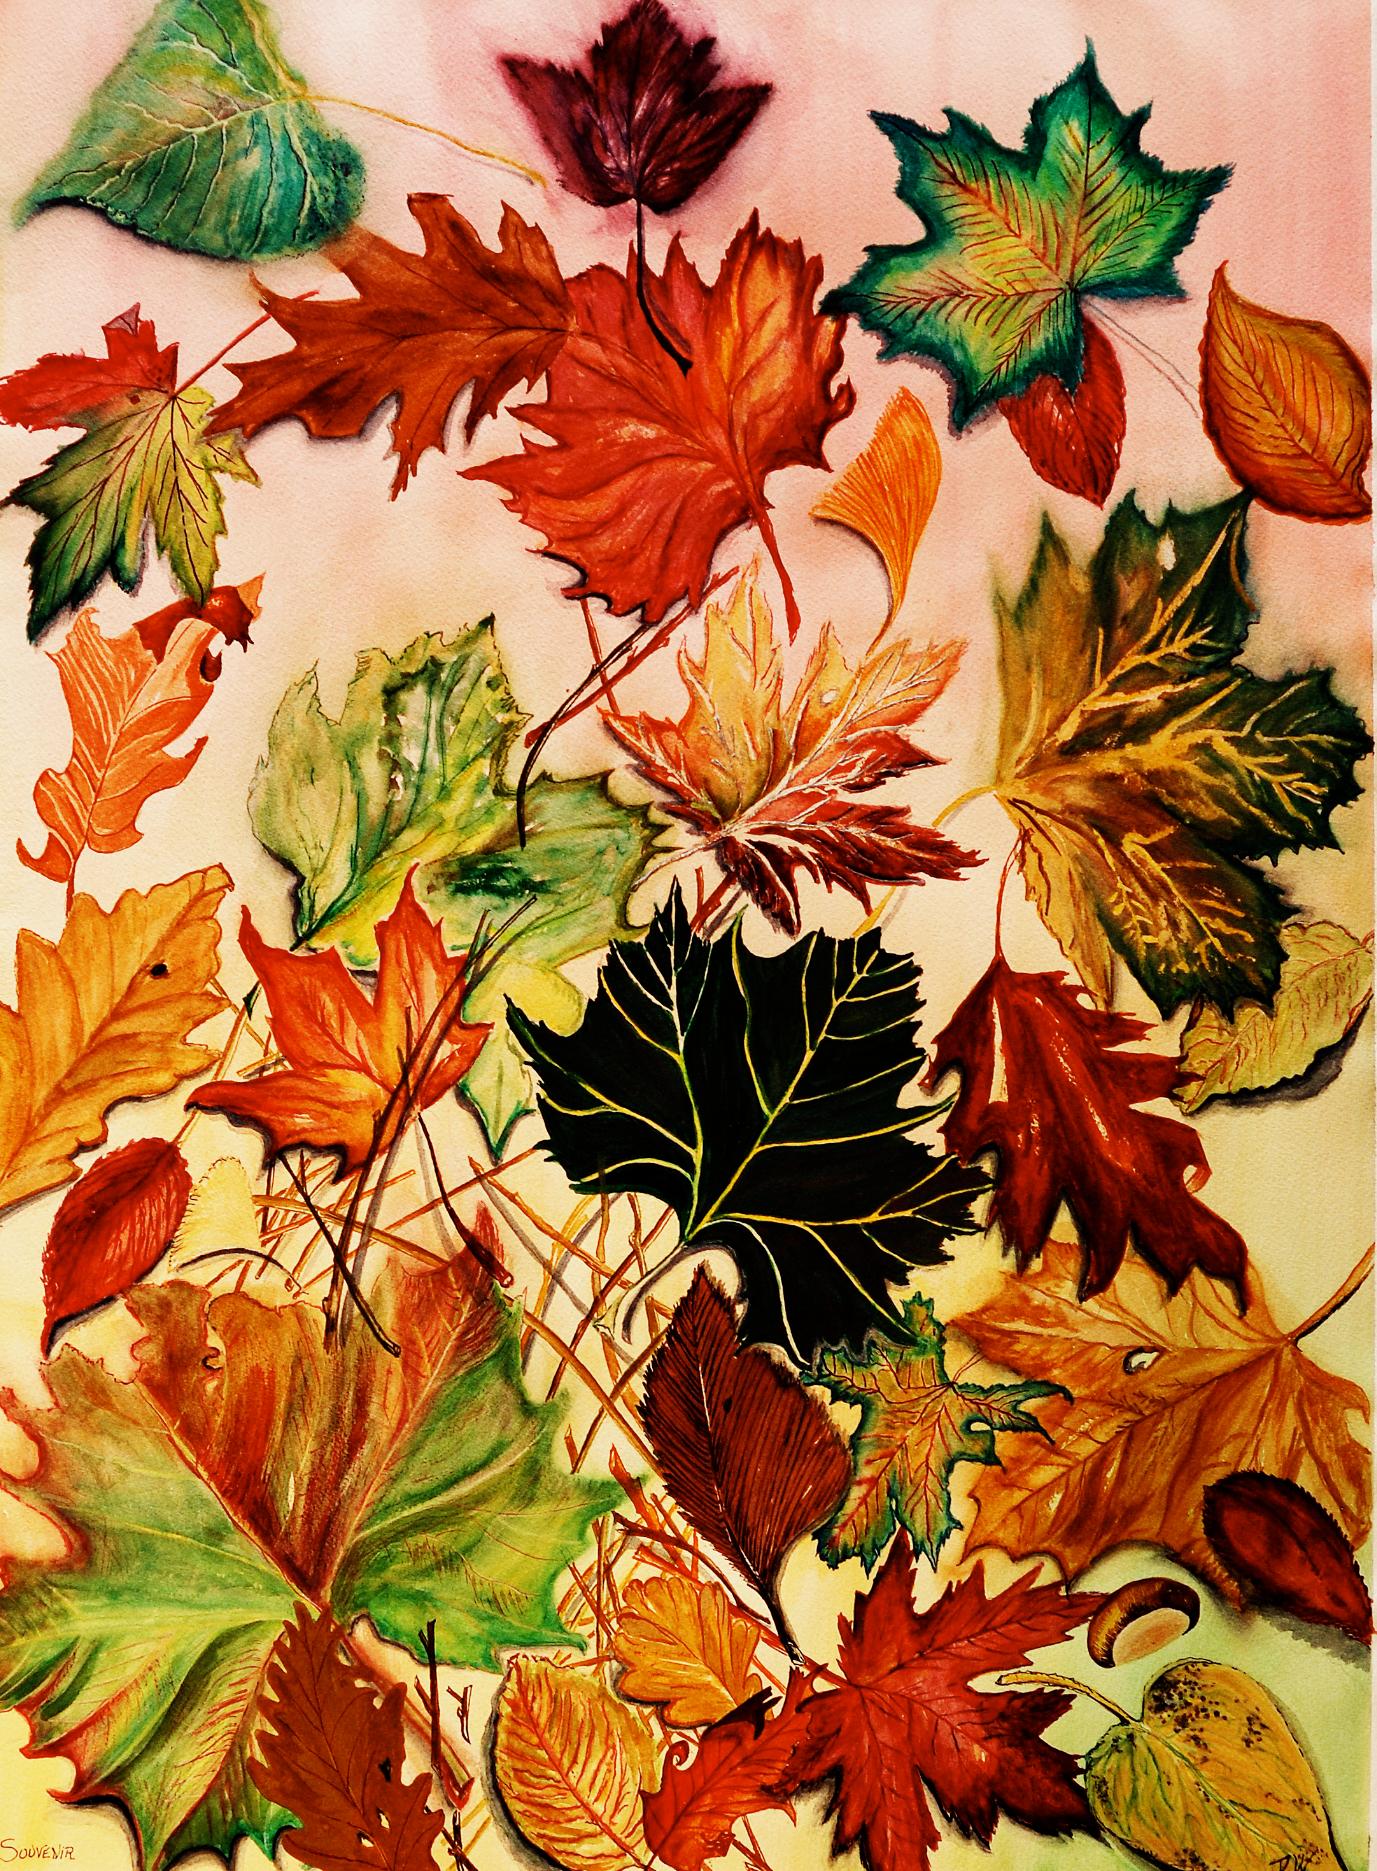 Souvenirs D'automne 2004